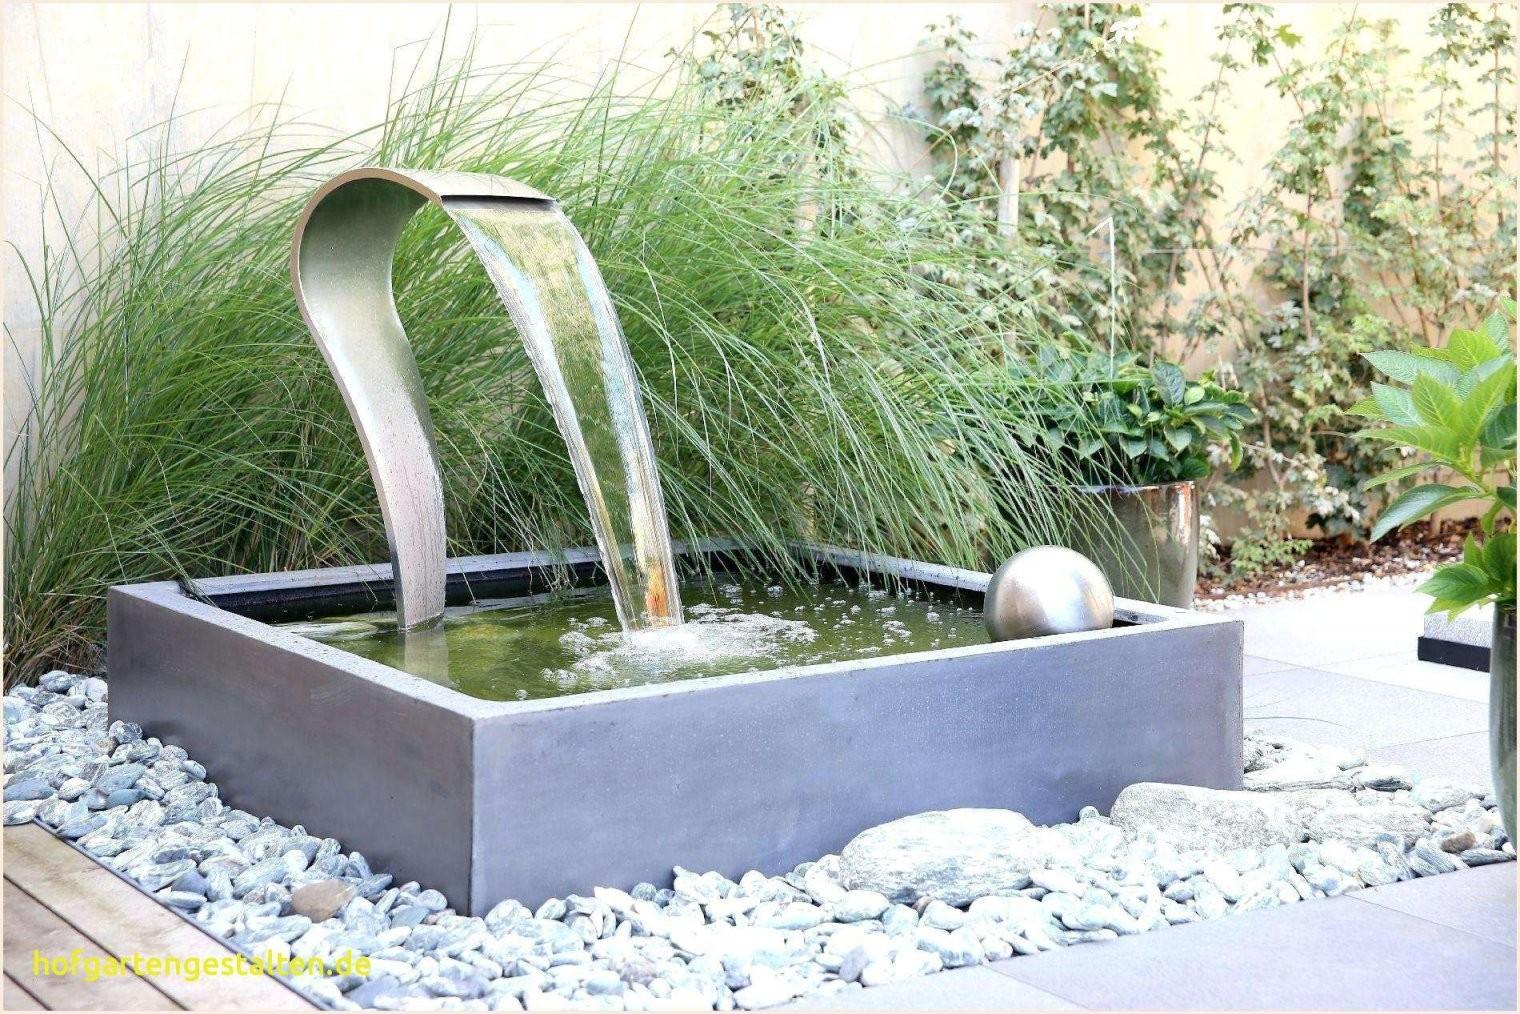 40 Inspirierend Wasserspiel Garten Selber Bauen Für Konzept von Wasserfall Garten Bauen Anleitung Photo